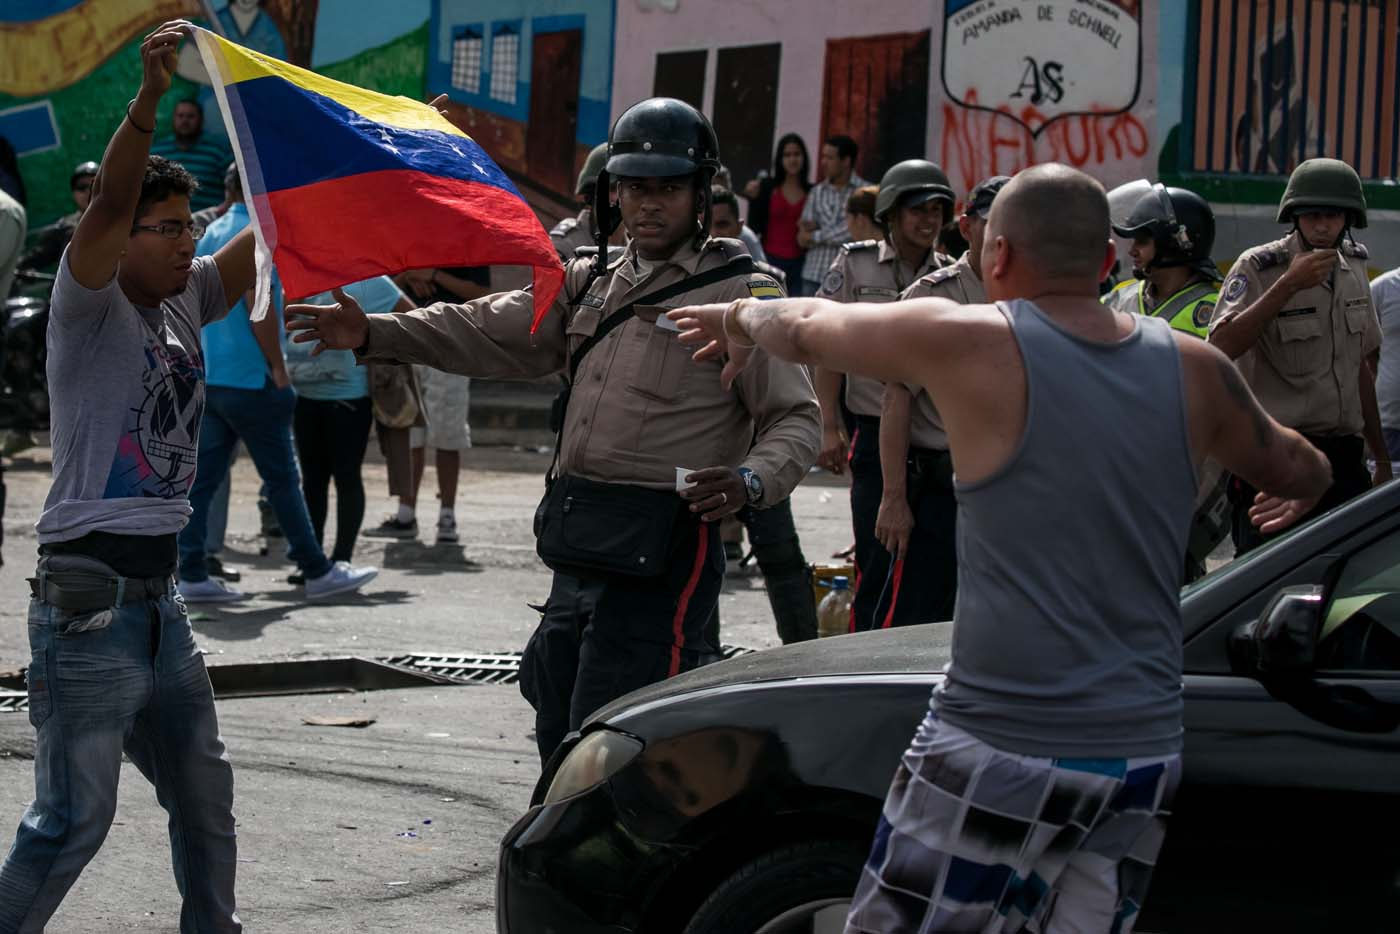 CAR16 - CARACAS (VENEZUELA), 02/06/2017 - Un grupo de personas participa en una manifestación junto a autoridades hoy, viernes 02 de junio de 2017, en Caracas (Venezuela). Los habitantes del populoso barrio de La Vega, ubicado en el oeste de Caracas, madrugaron hoy para protestar por la escasez de alimentos, mientras que las calles aledañas al canal estatal VTV en el este de la ciudad fueron cerradas por organismos de seguridad para evitar la llegada de manifestantes. EFE/MIGUEL GUTIÉRREZ